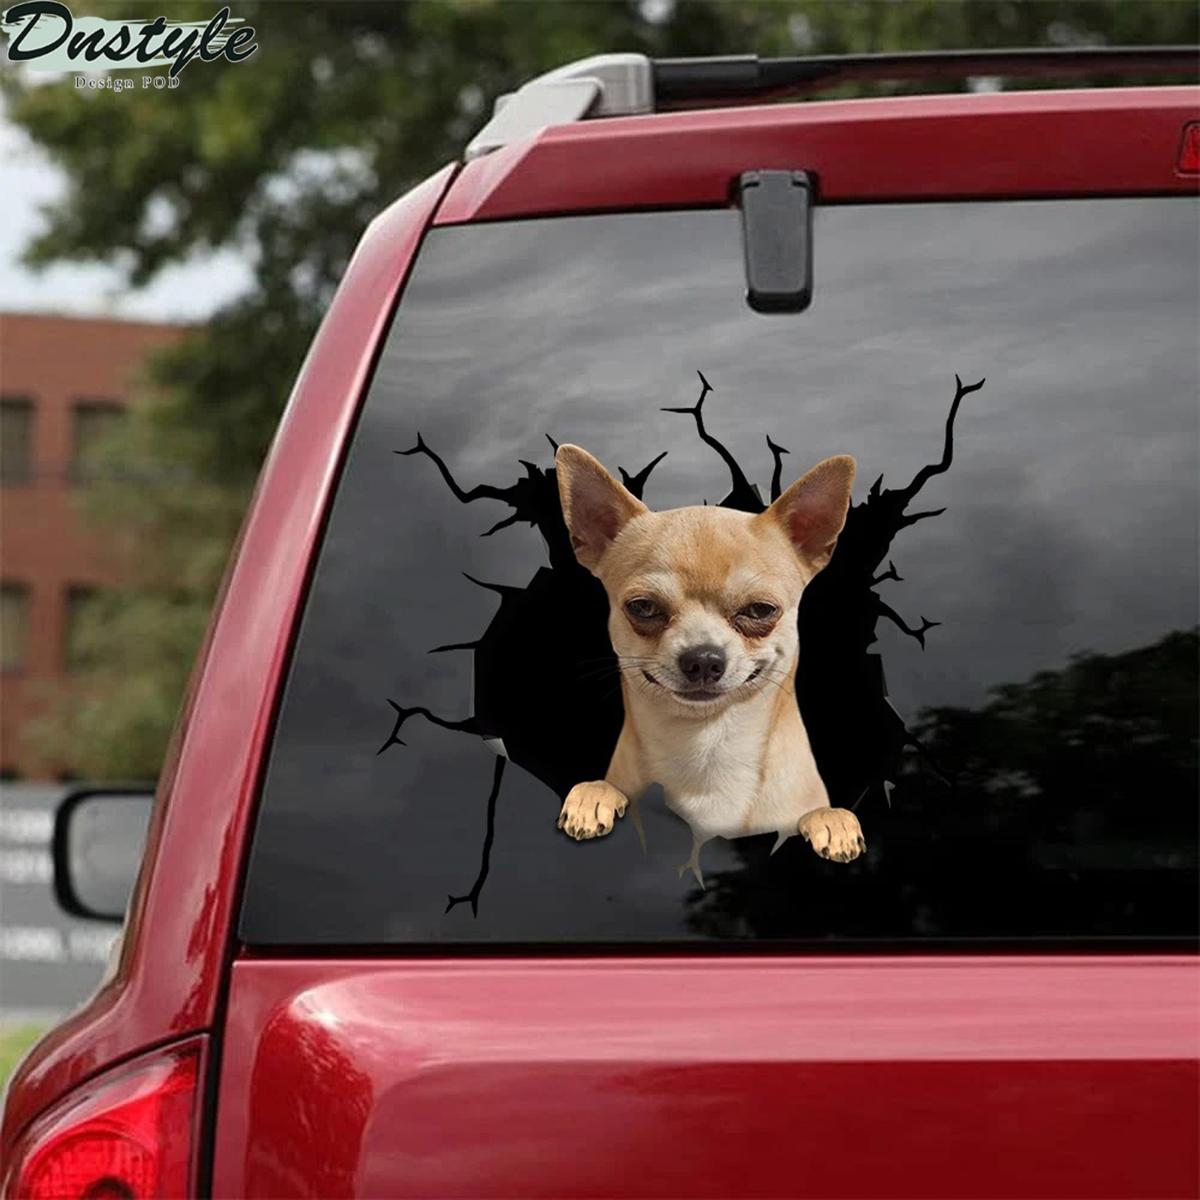 Chihuahua crack car decal sticker 1